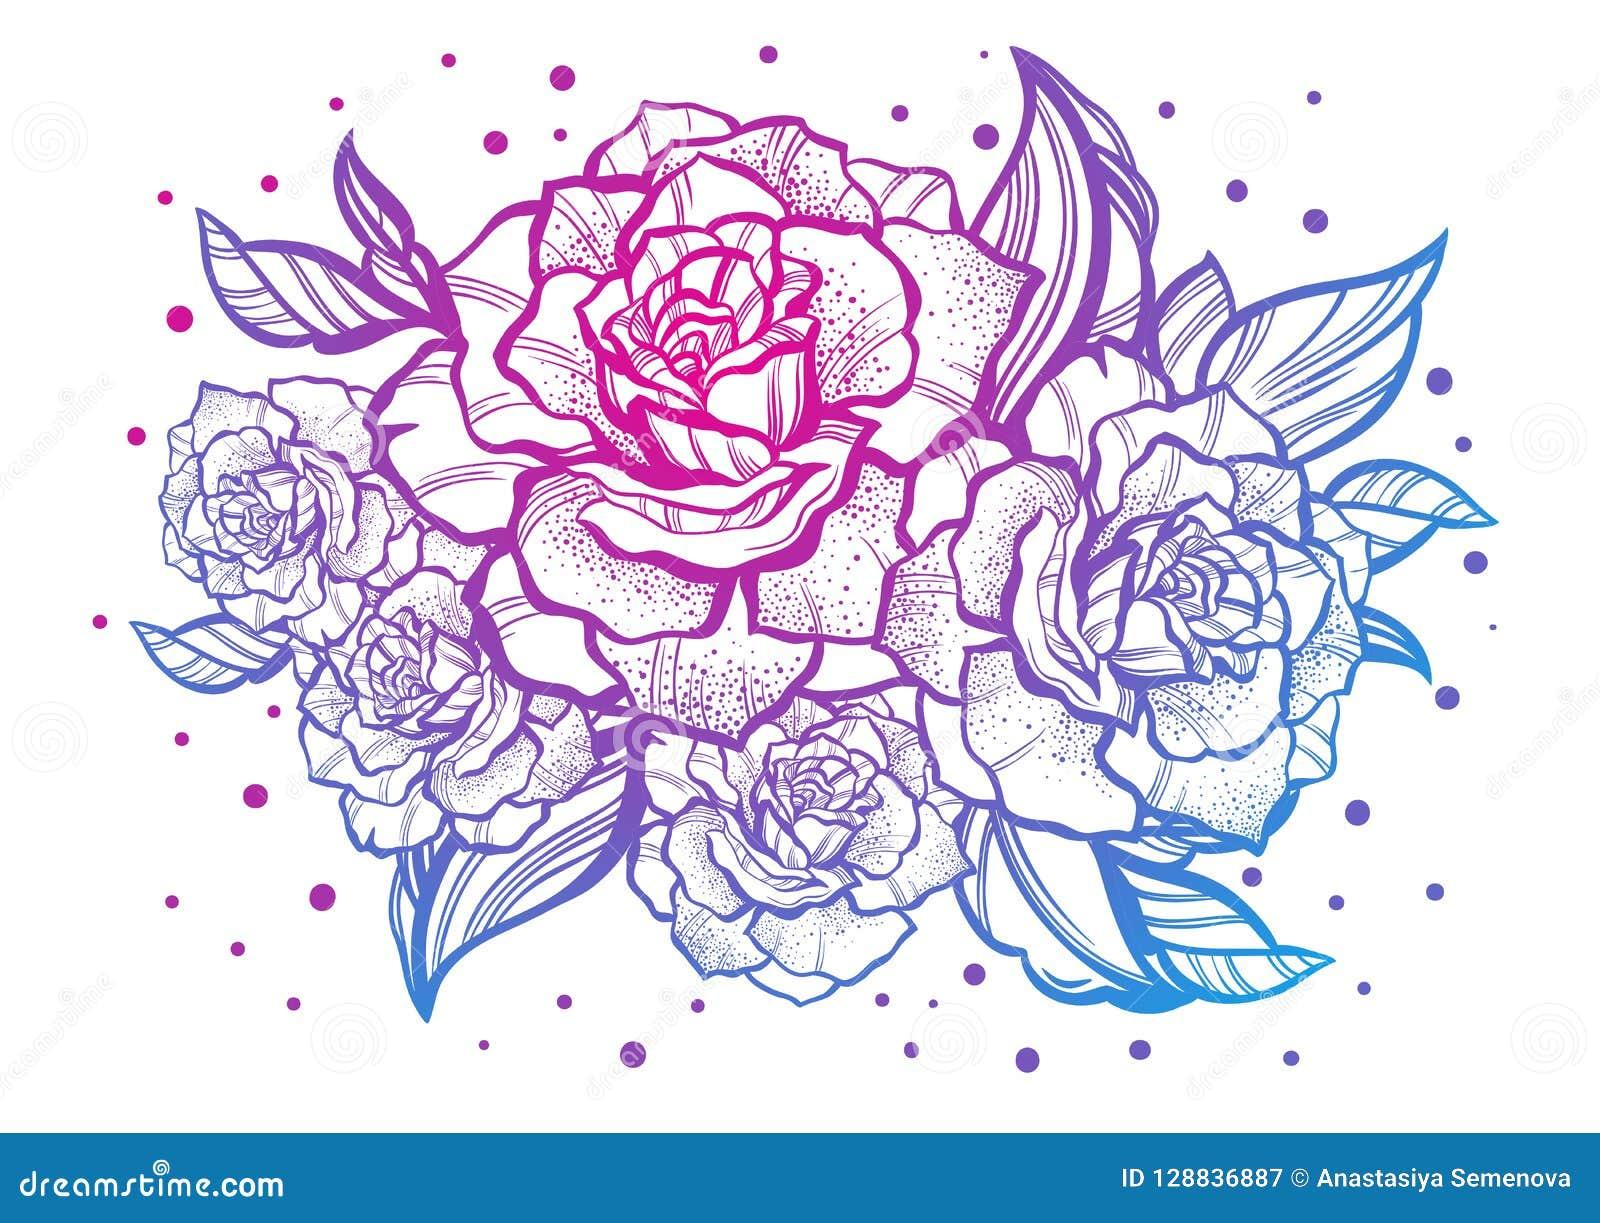 Rosas bonitas desenhados à mão Tatuagem Art Composição gráfica do vintage Ilustração do vetor isolada T-shirt, cópia, cartazes